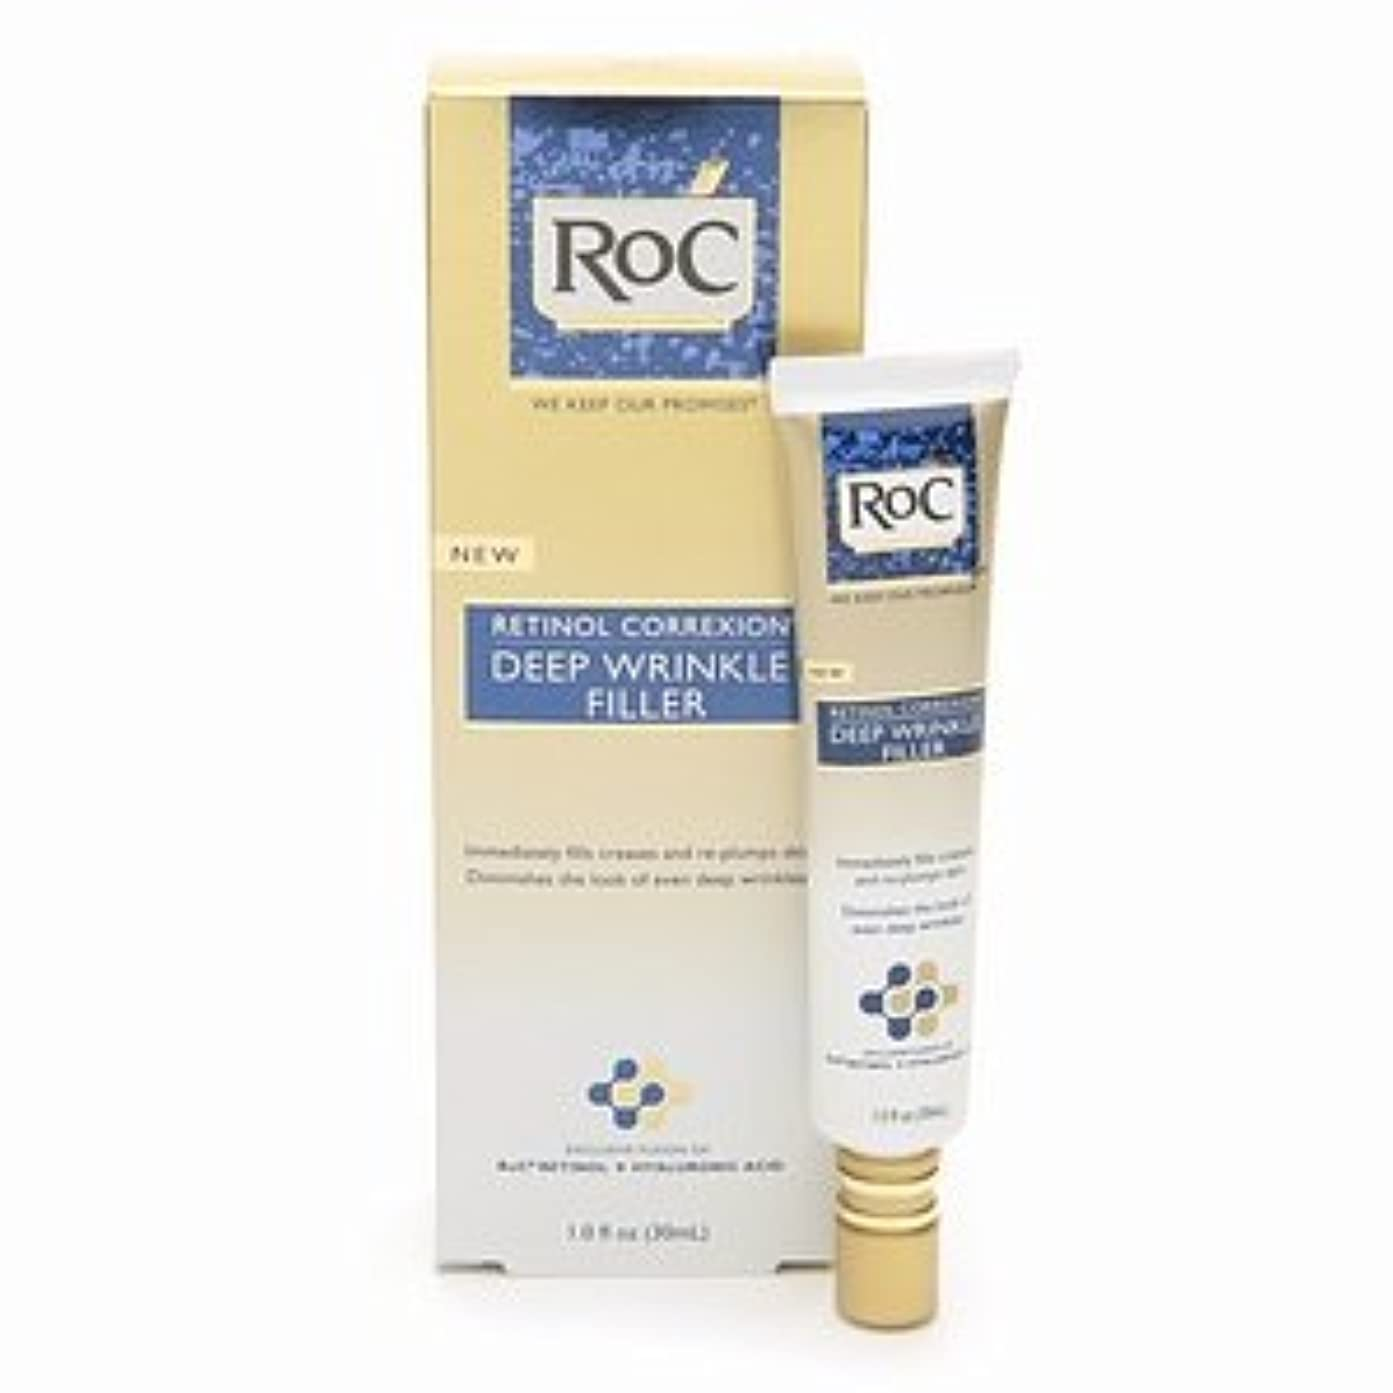 文化広まった責めRoC レチノール コレクション ディープリンクル フィラー RoC Retinol Correxion Deep Wrinkle Filler